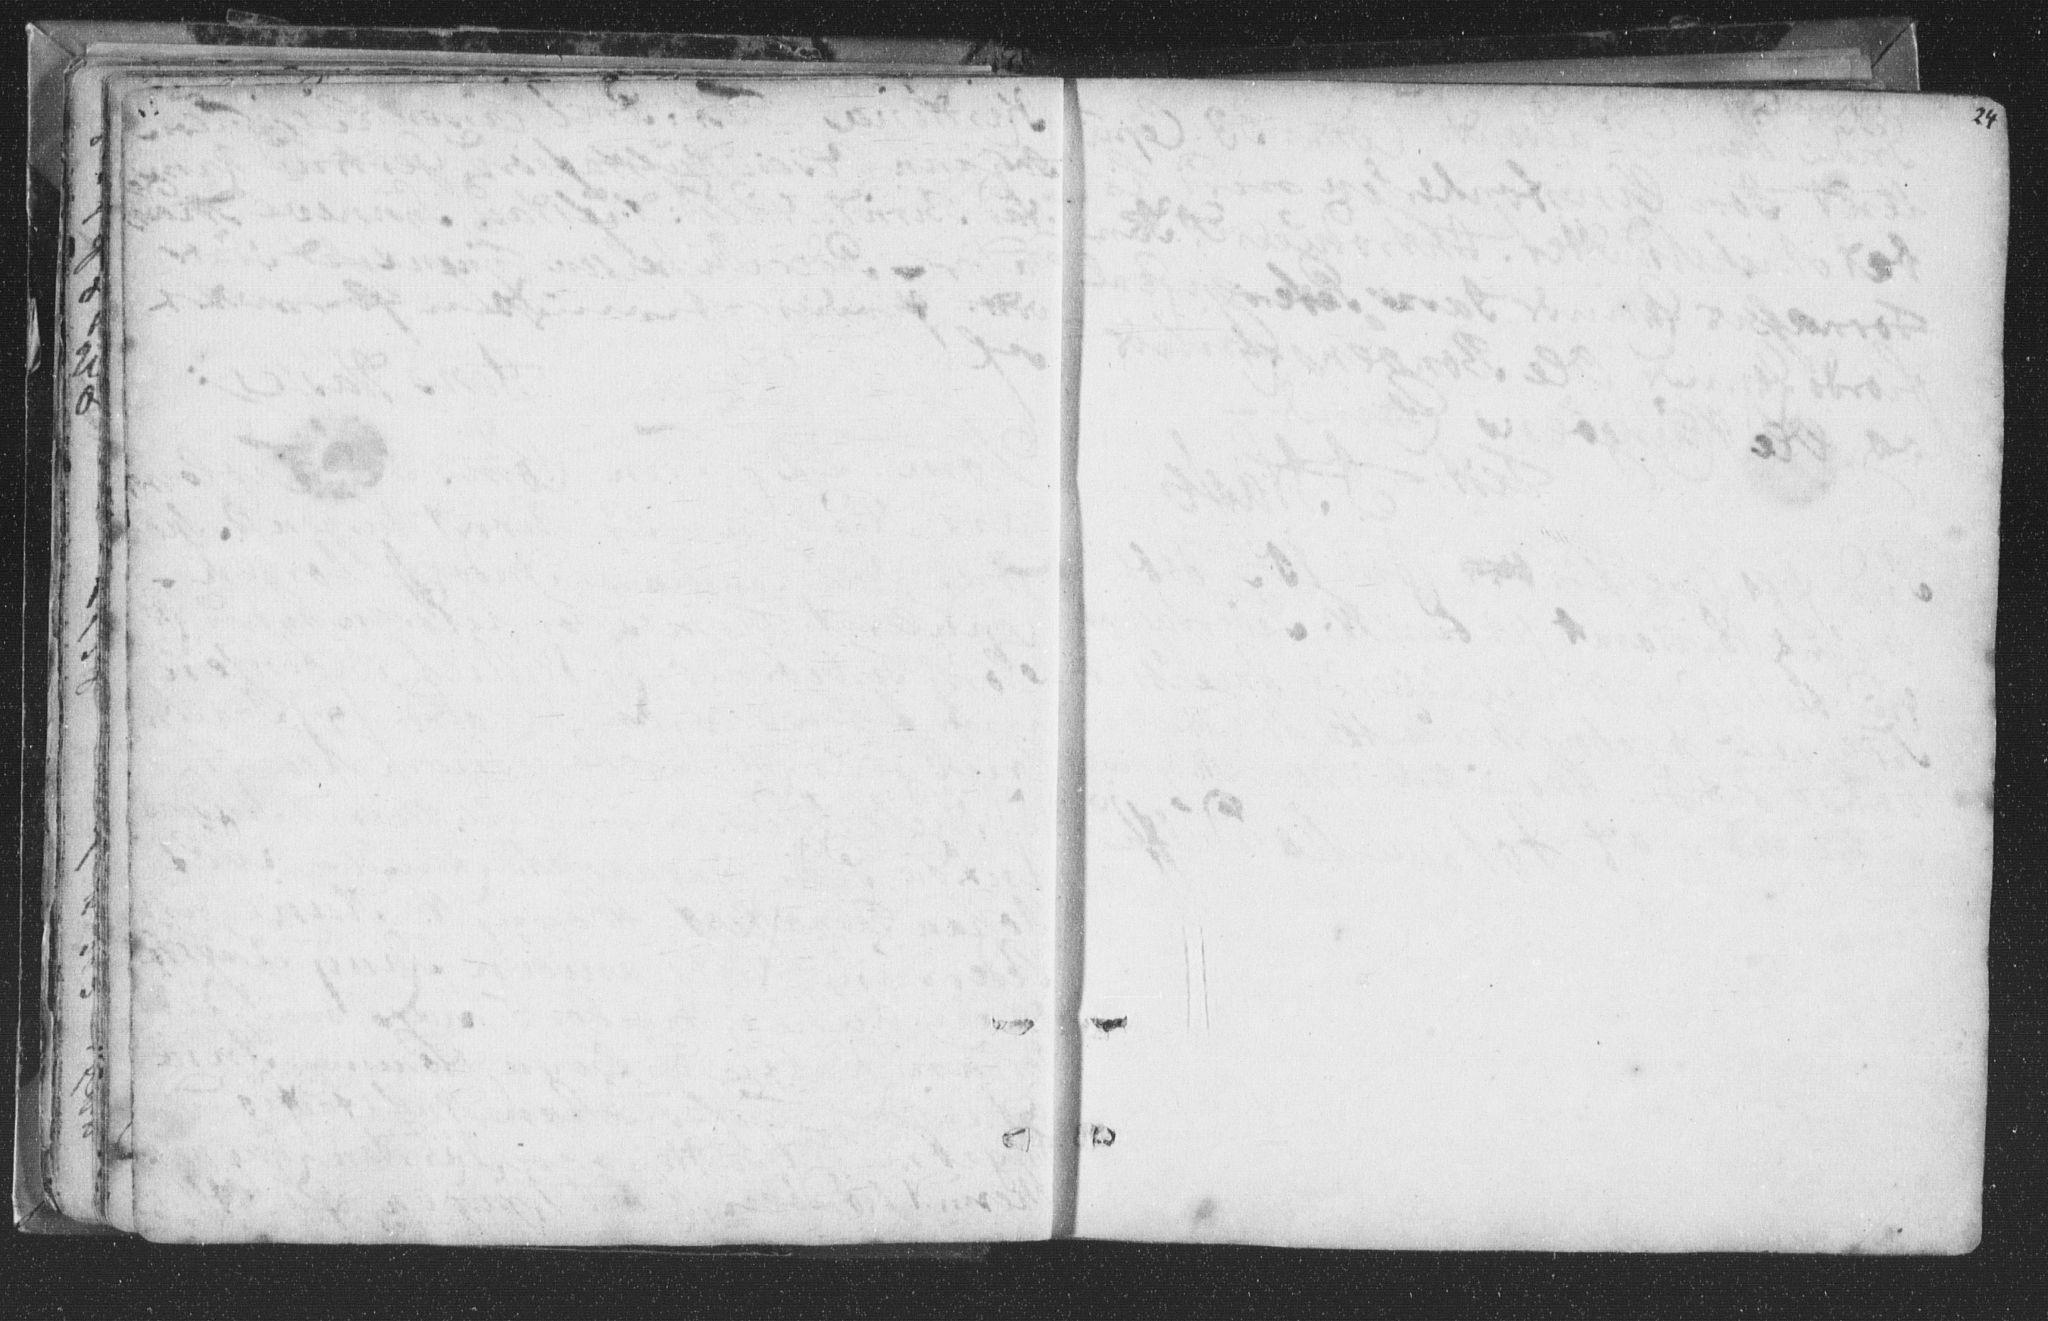 SAT, Ministerialprotokoller, klokkerbøker og fødselsregistre - Nord-Trøndelag, 786/L0685: Ministerialbok nr. 786A01, 1710-1798, s. 24